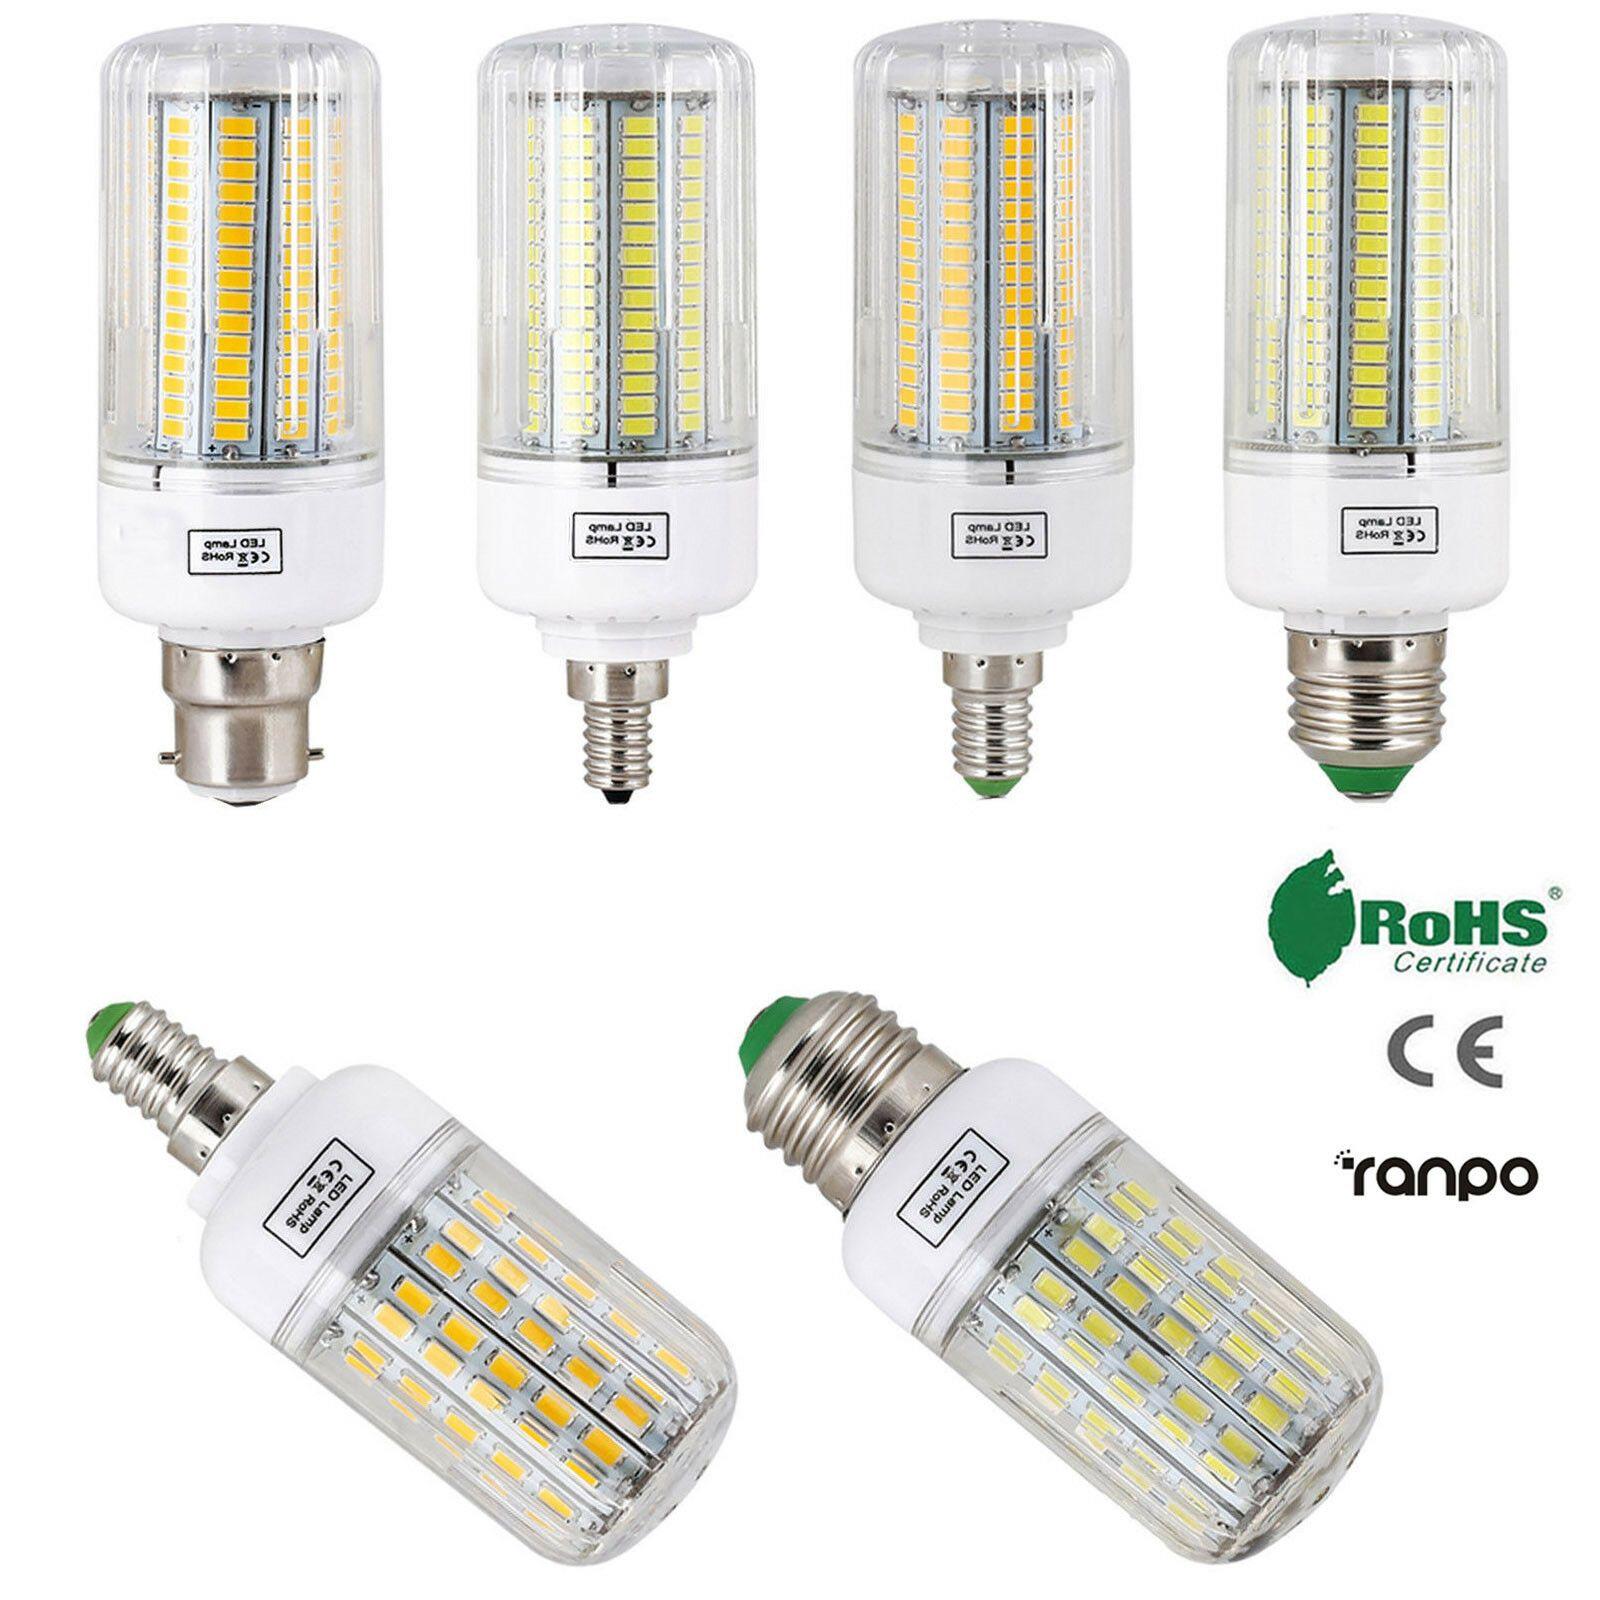 E27 E14 E12 B22 Led Corn Bulb 5730 Smd Light Corn Lamp Incandescent 20w 160w Led Bulb Led Candle Lights Candle Lamp